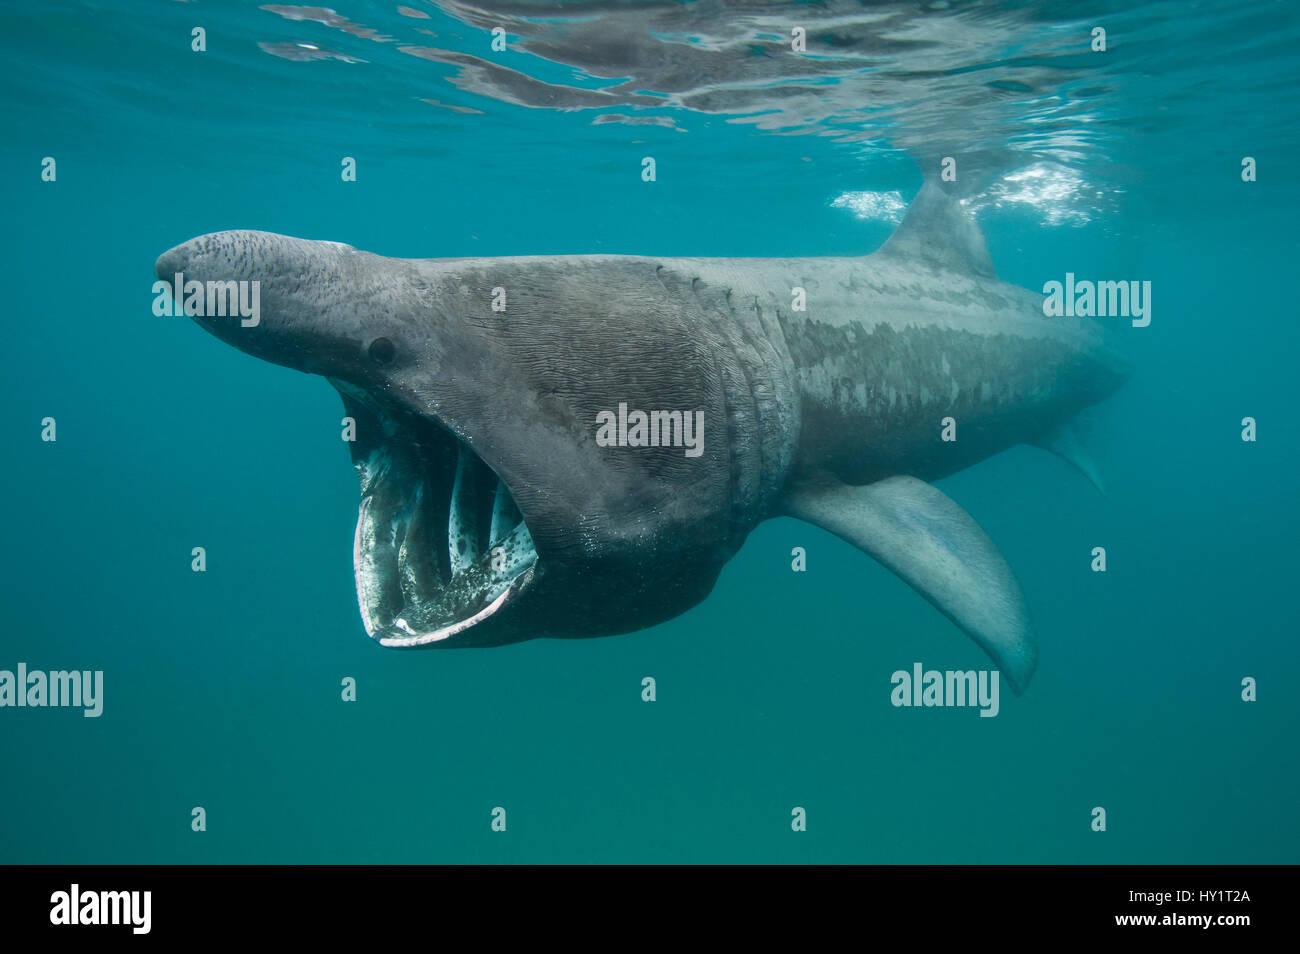 Basking shark (Cetorhinus maximus) feeding in shallow water. Sennen Cove, Cornwall, UK. June. - Stock Image